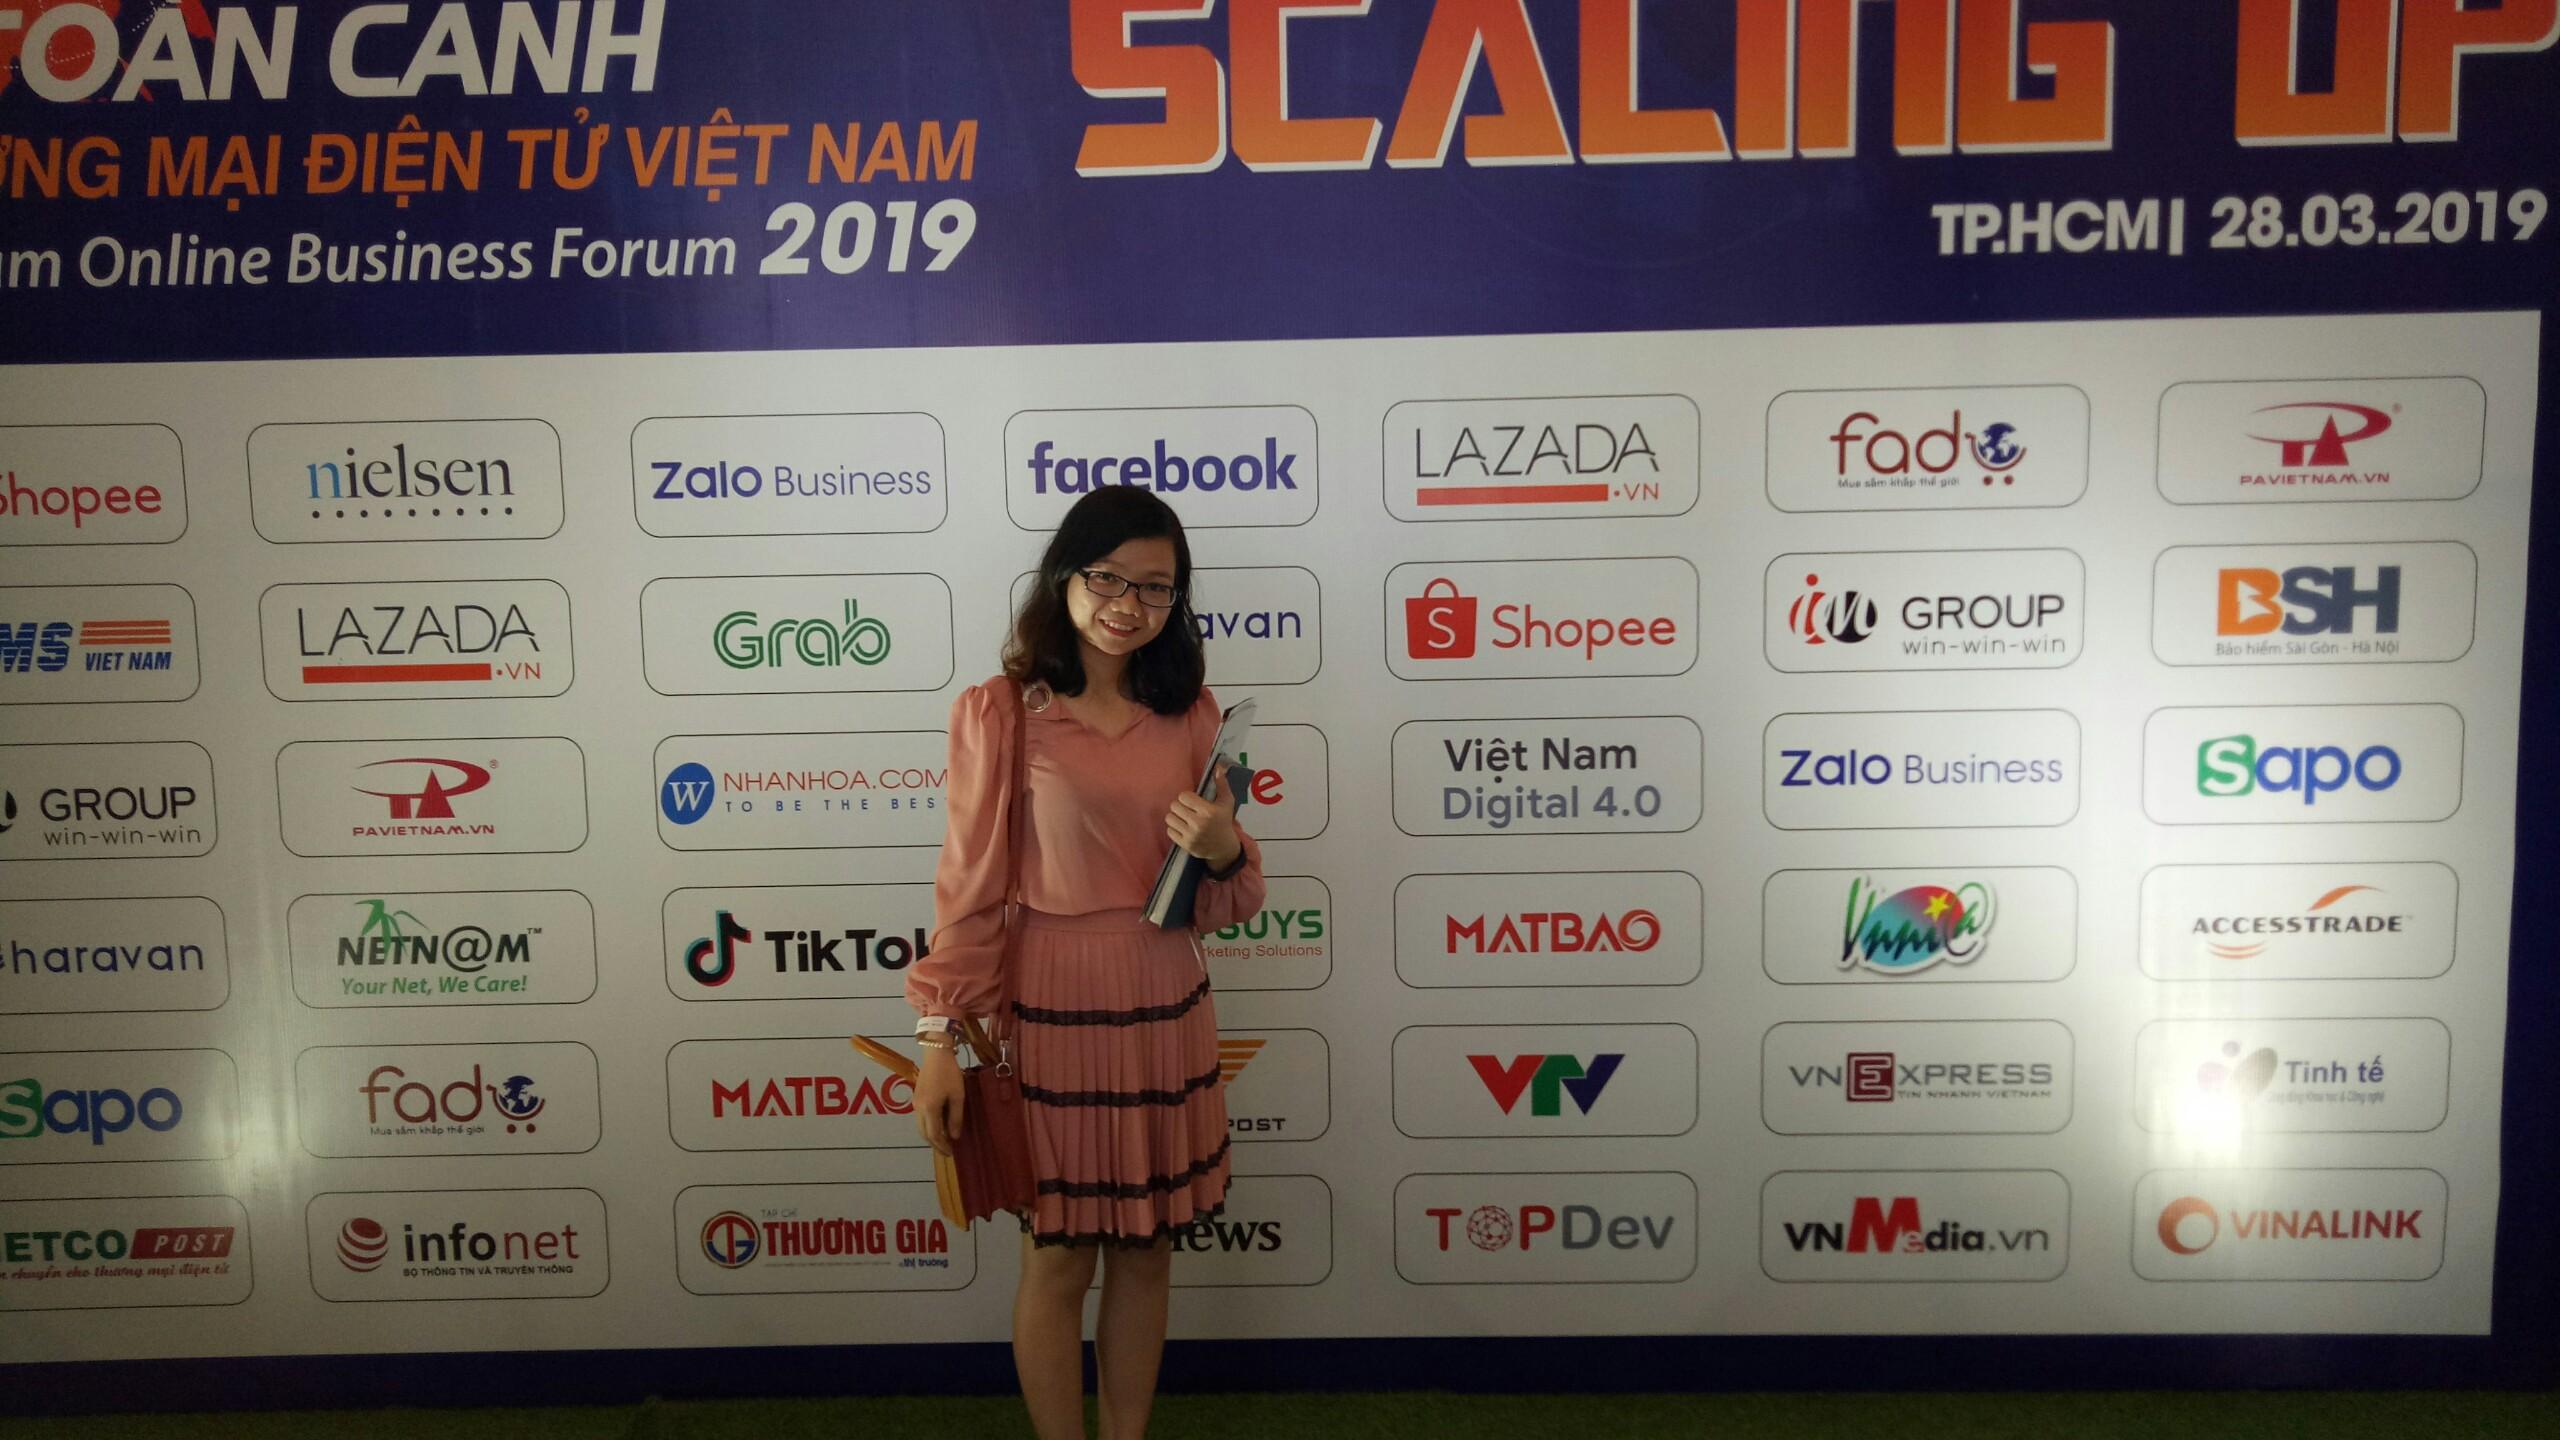 Chị Đặng Thị Như Hà tham gia các hội thảo